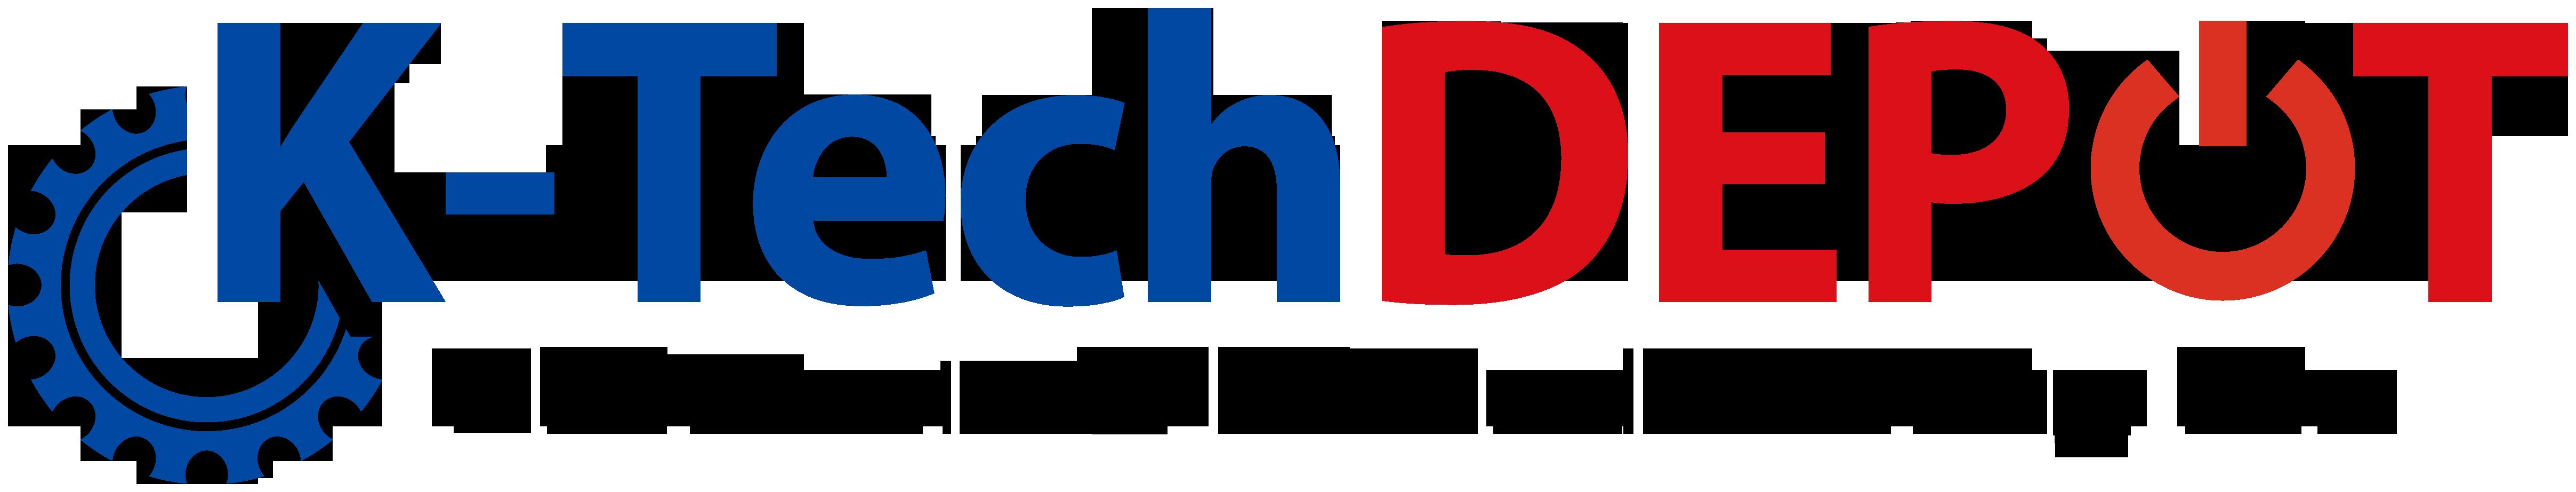 K-TechDepot Technology Store